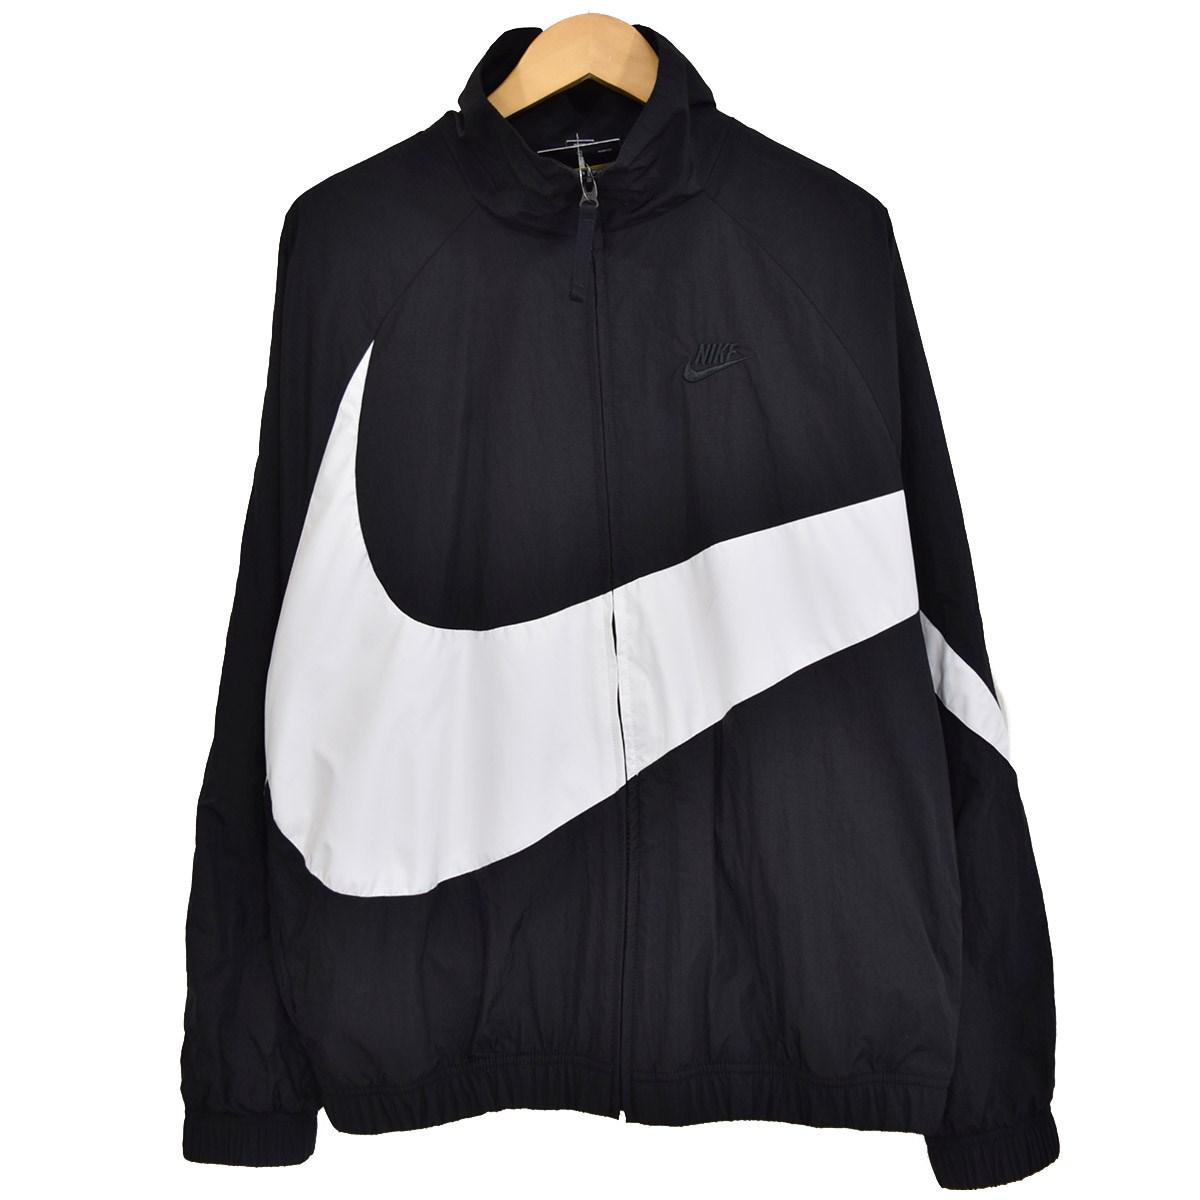 【中古】NIKE HBR STMT WOVEN JACKET ジップジャケット 2019SS AR3133-010 ブラック×ホワイト サイズ:S 【040520】(ナイキ)